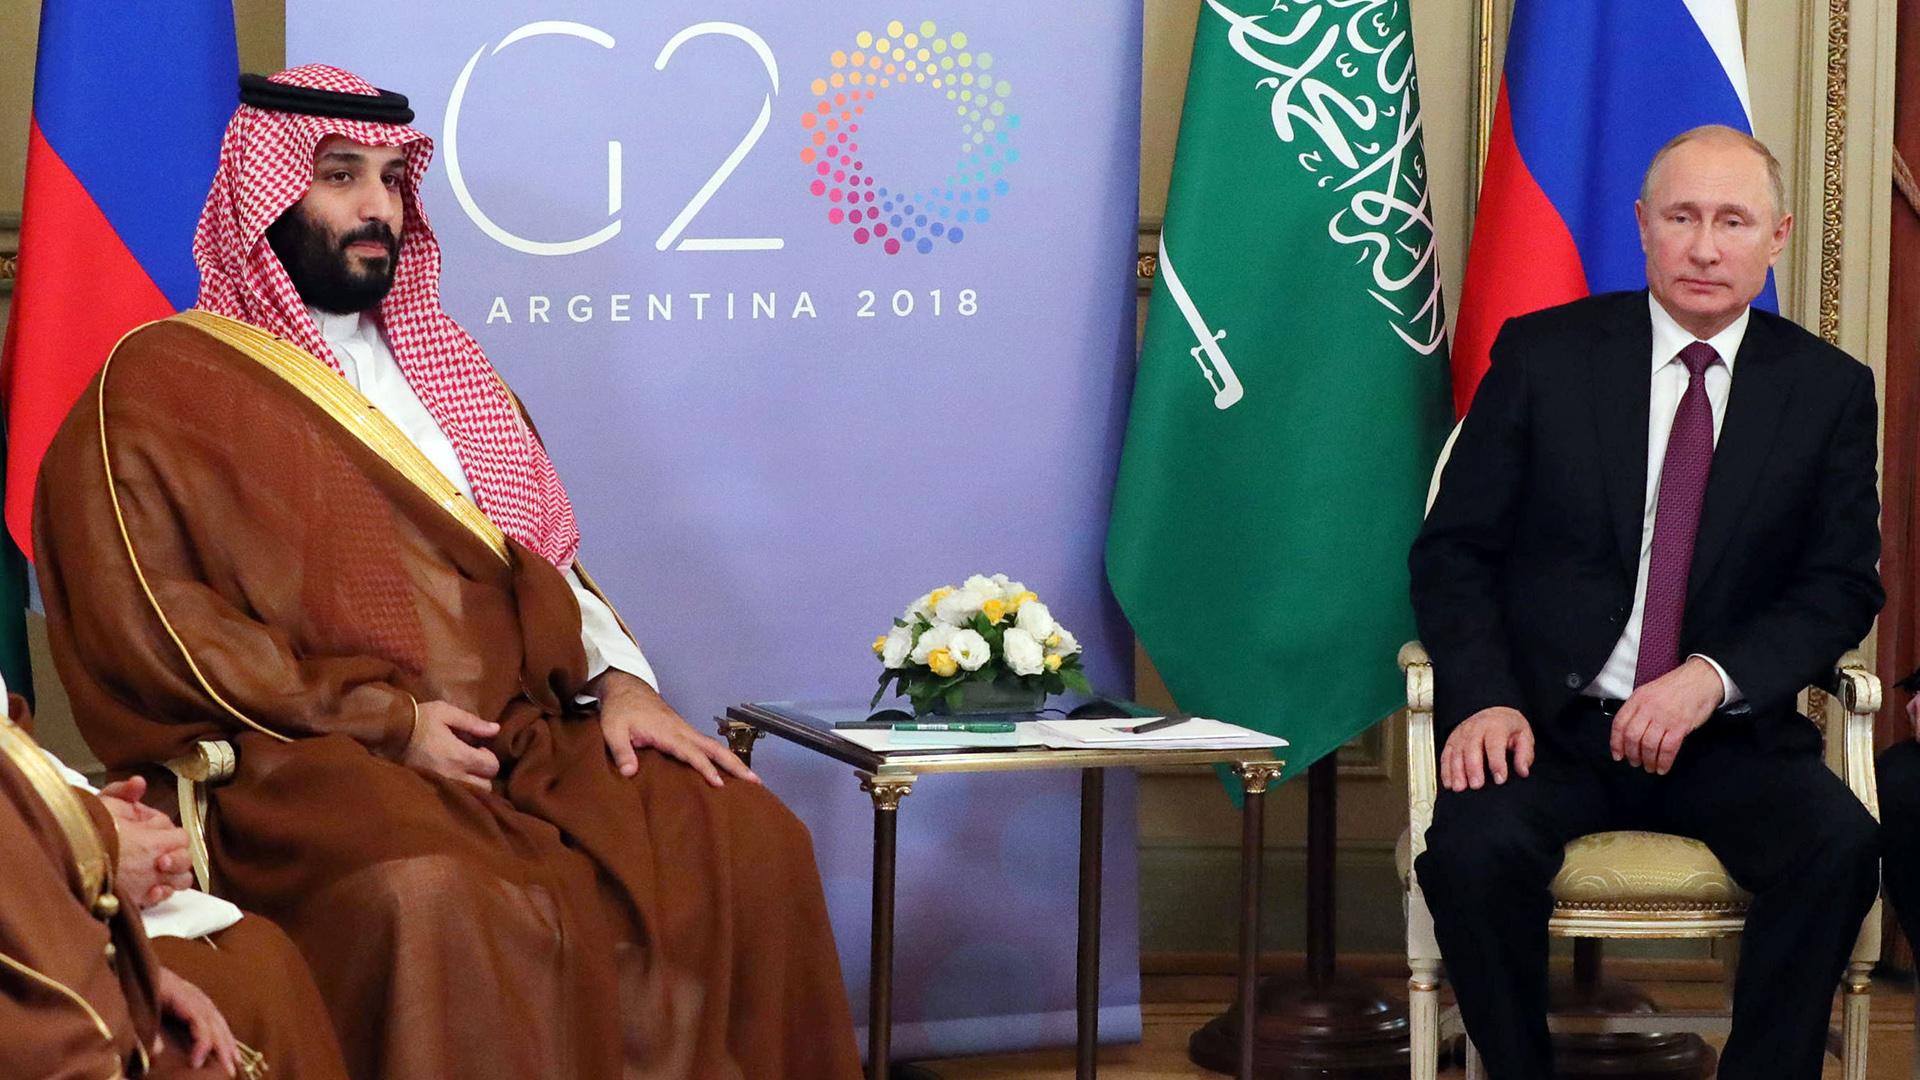 Arabia Saudita y Rusia acuerdan un recorte récord de la producción de petróleo